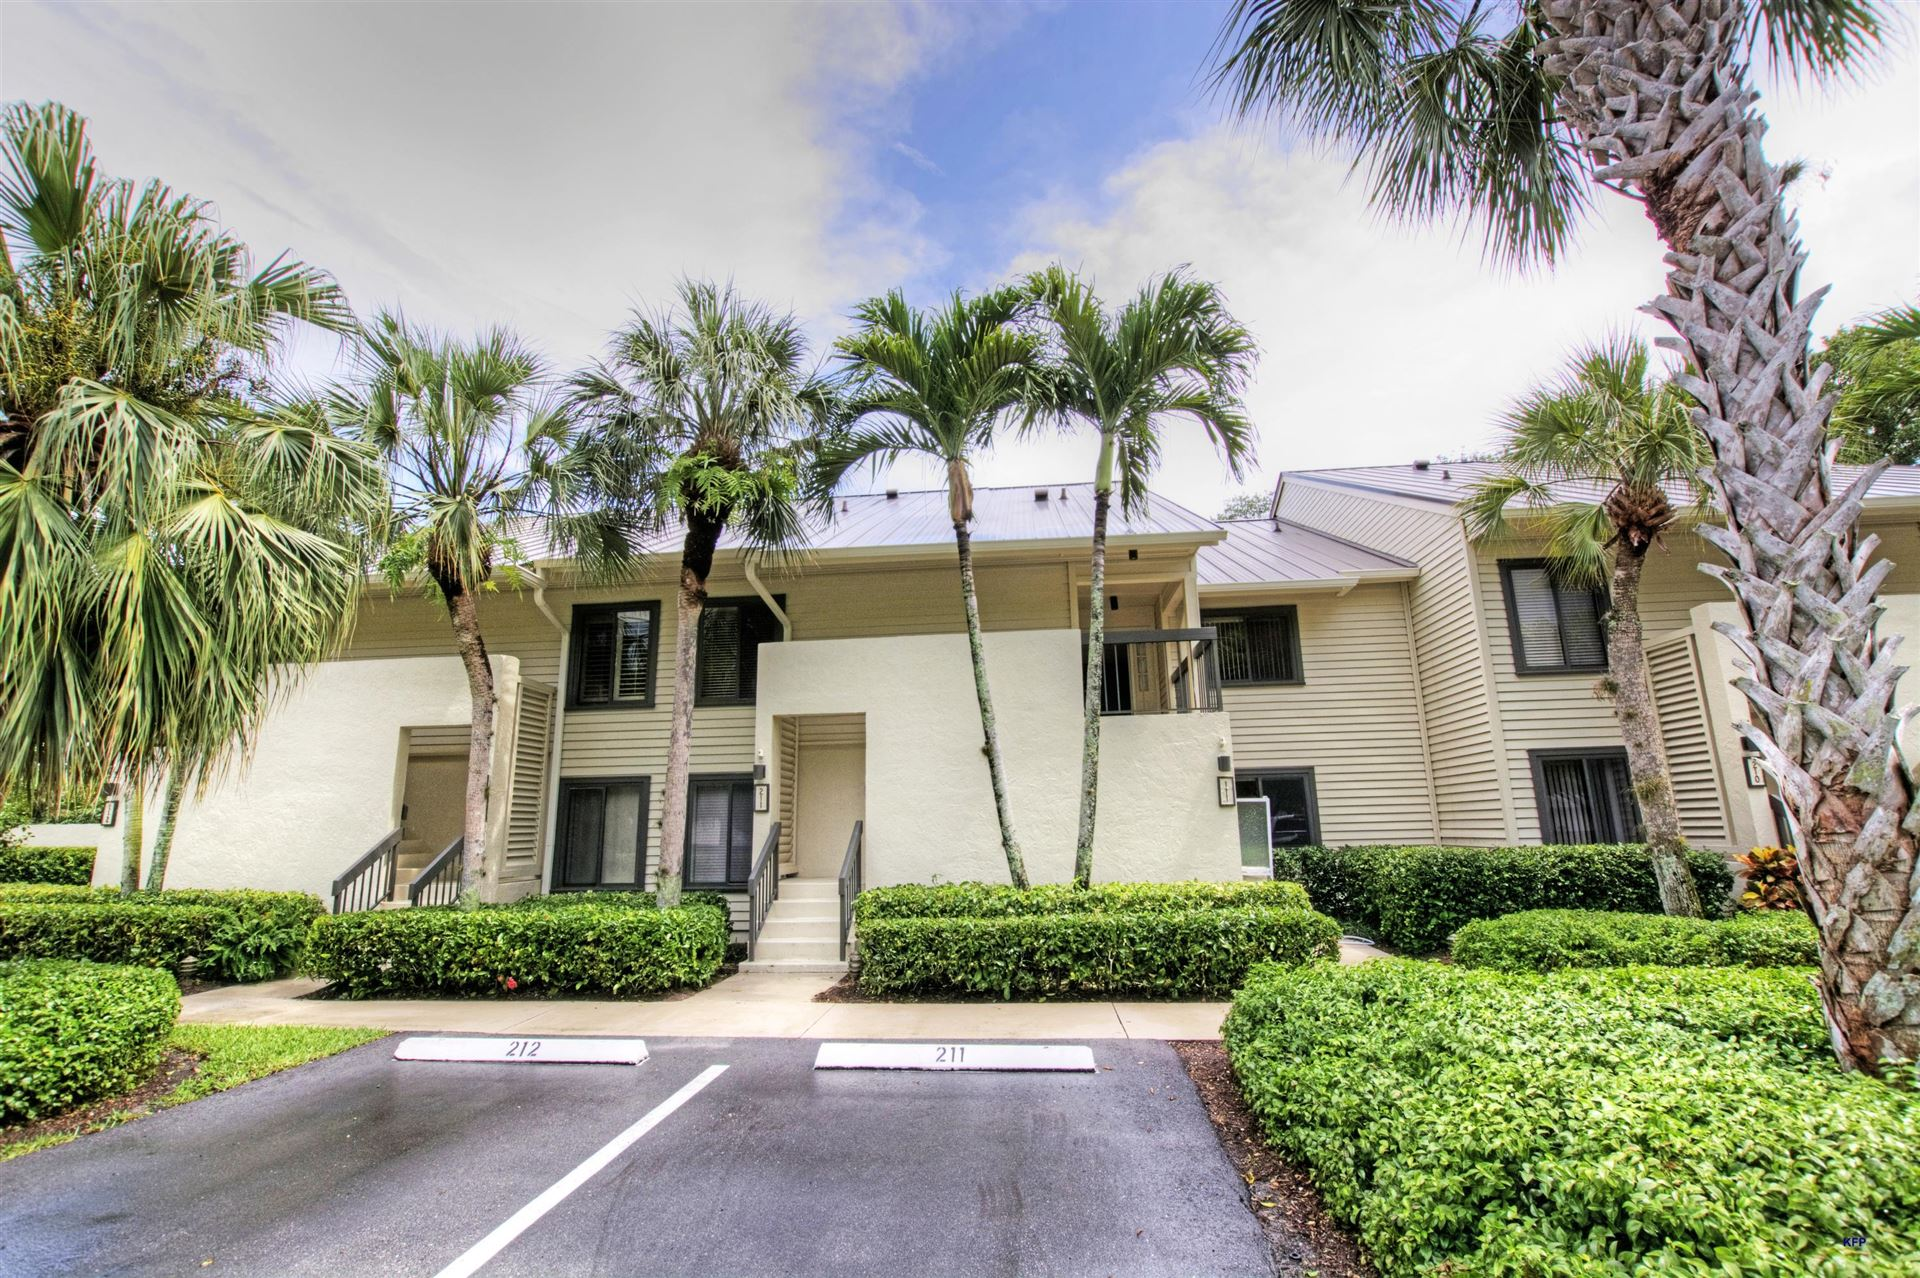 5192 SE Club Way #211, Stuart, FL 34997 - #: RX-10598456